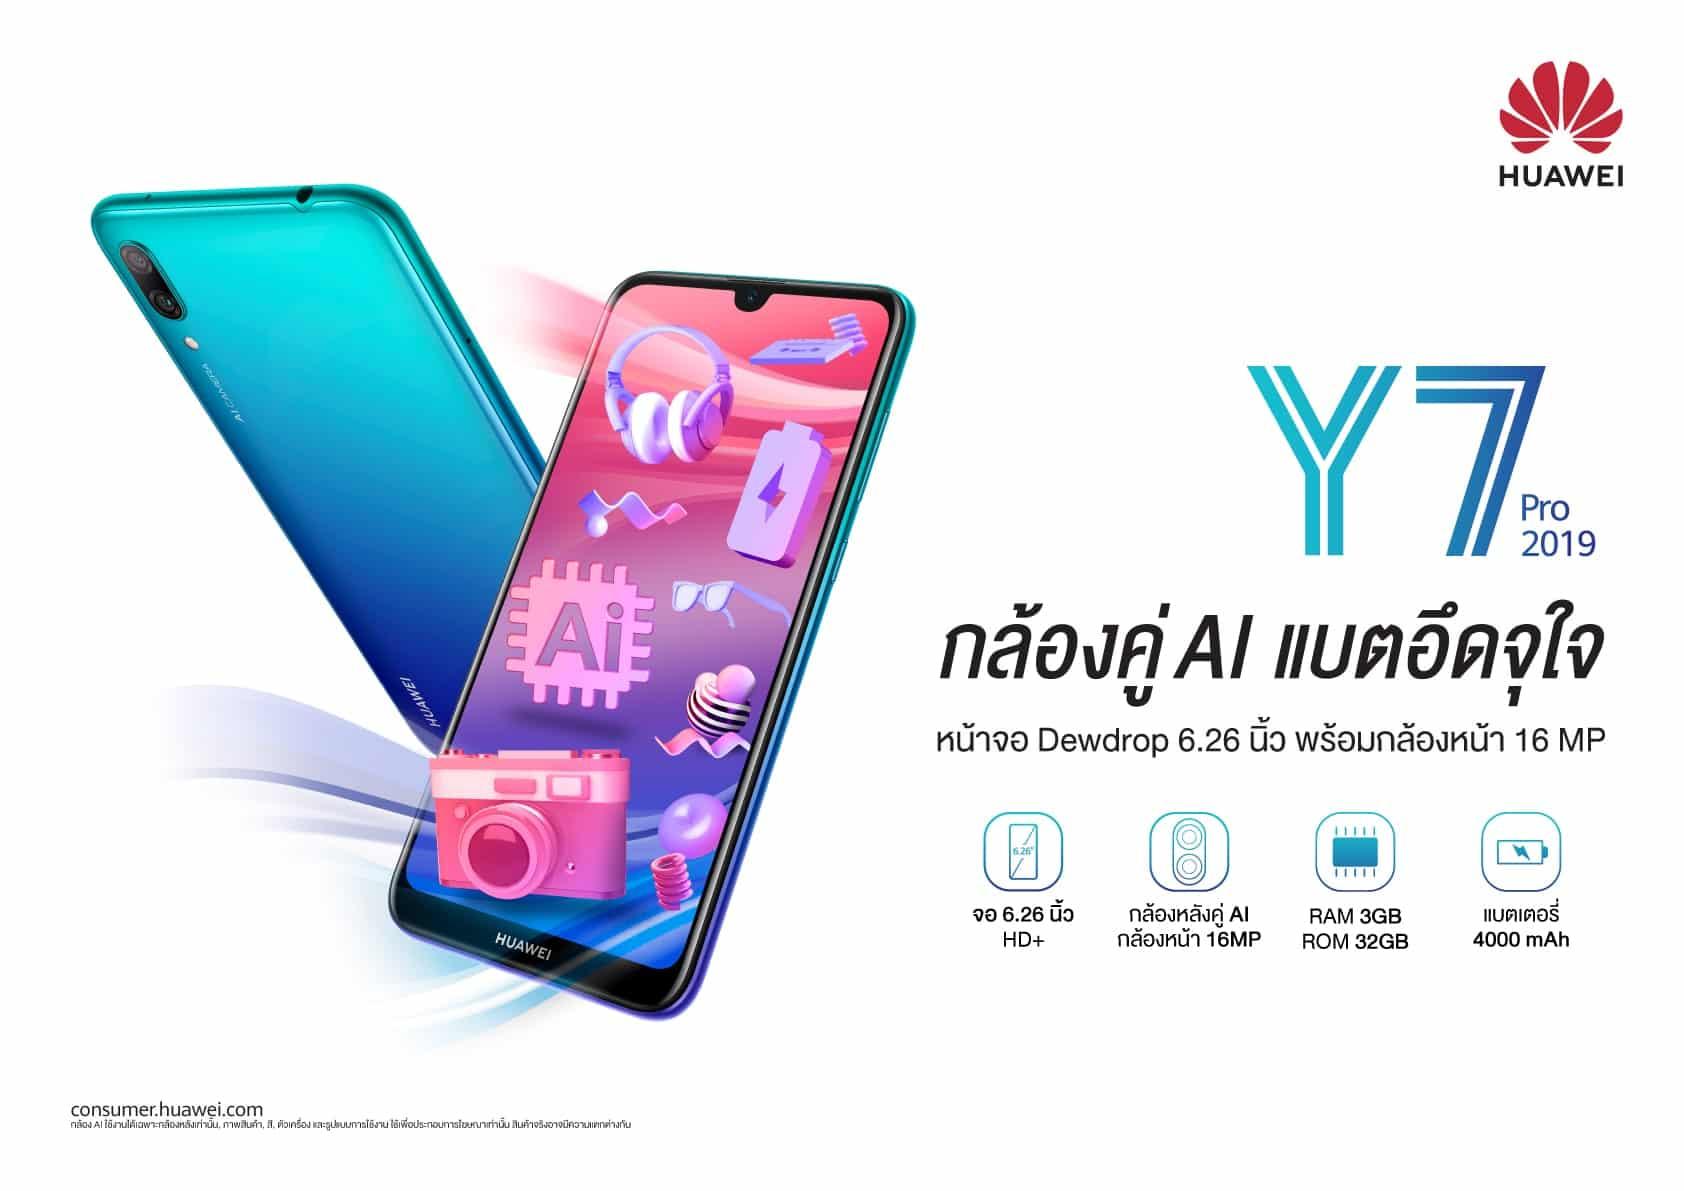 HUAWEI Y7 Pro 2019 KV 1 - เปิดตัว HUAWEI Y7 Pro 2019 ราคา 4,990 บาท